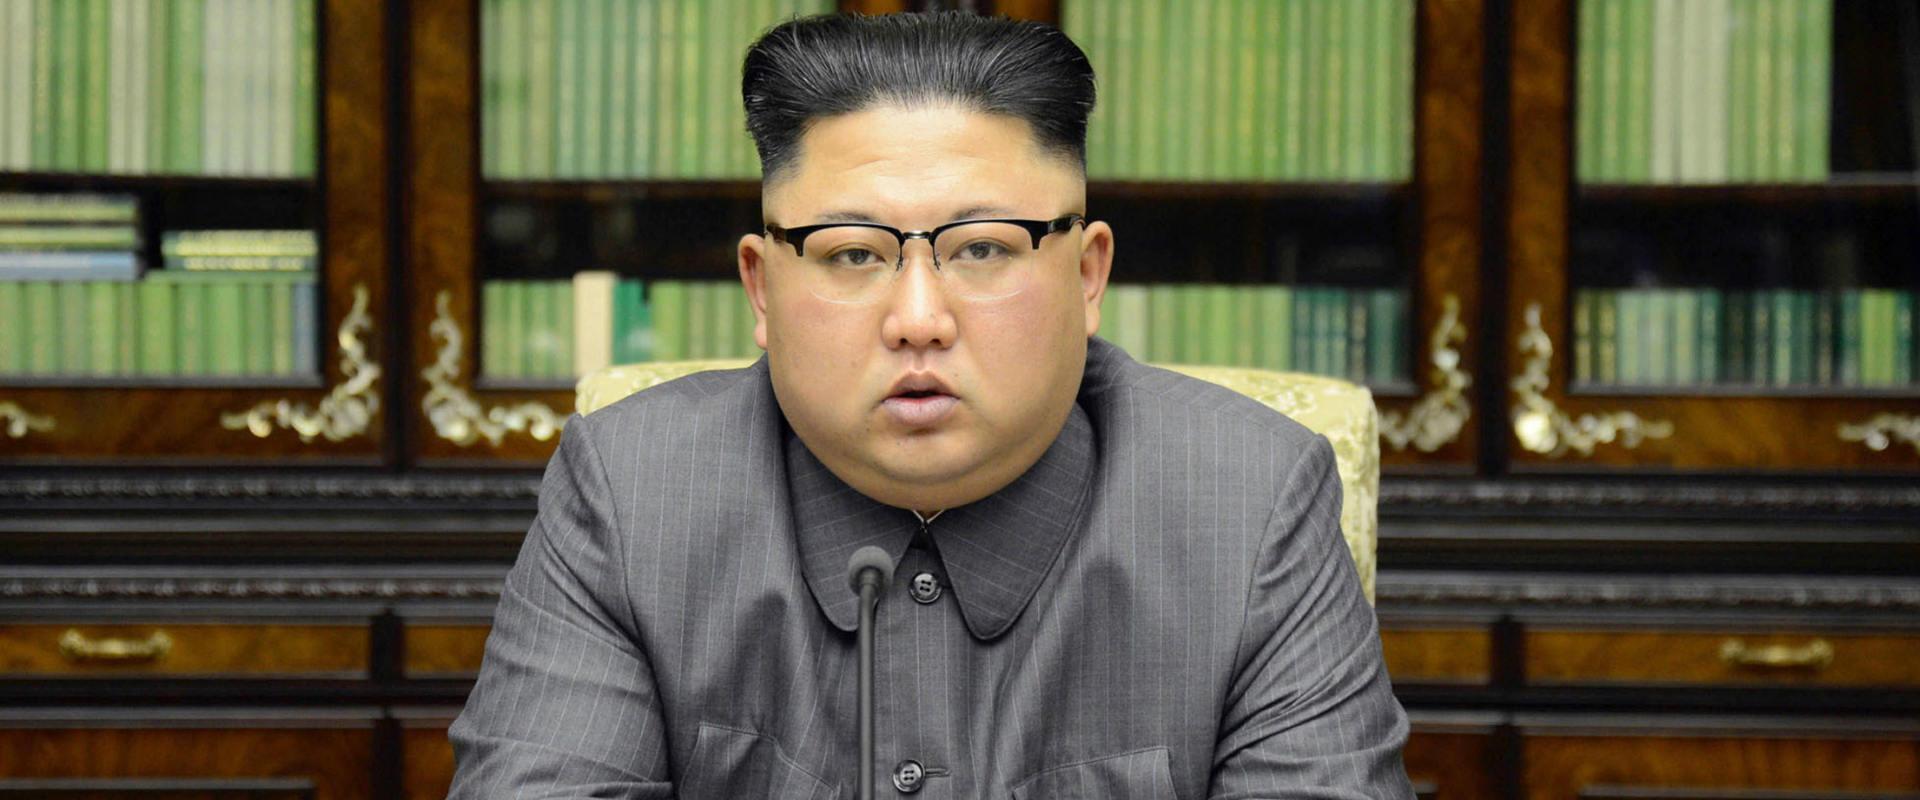 קים ג'ונג און, בשידור בארצו בחודש שעבר